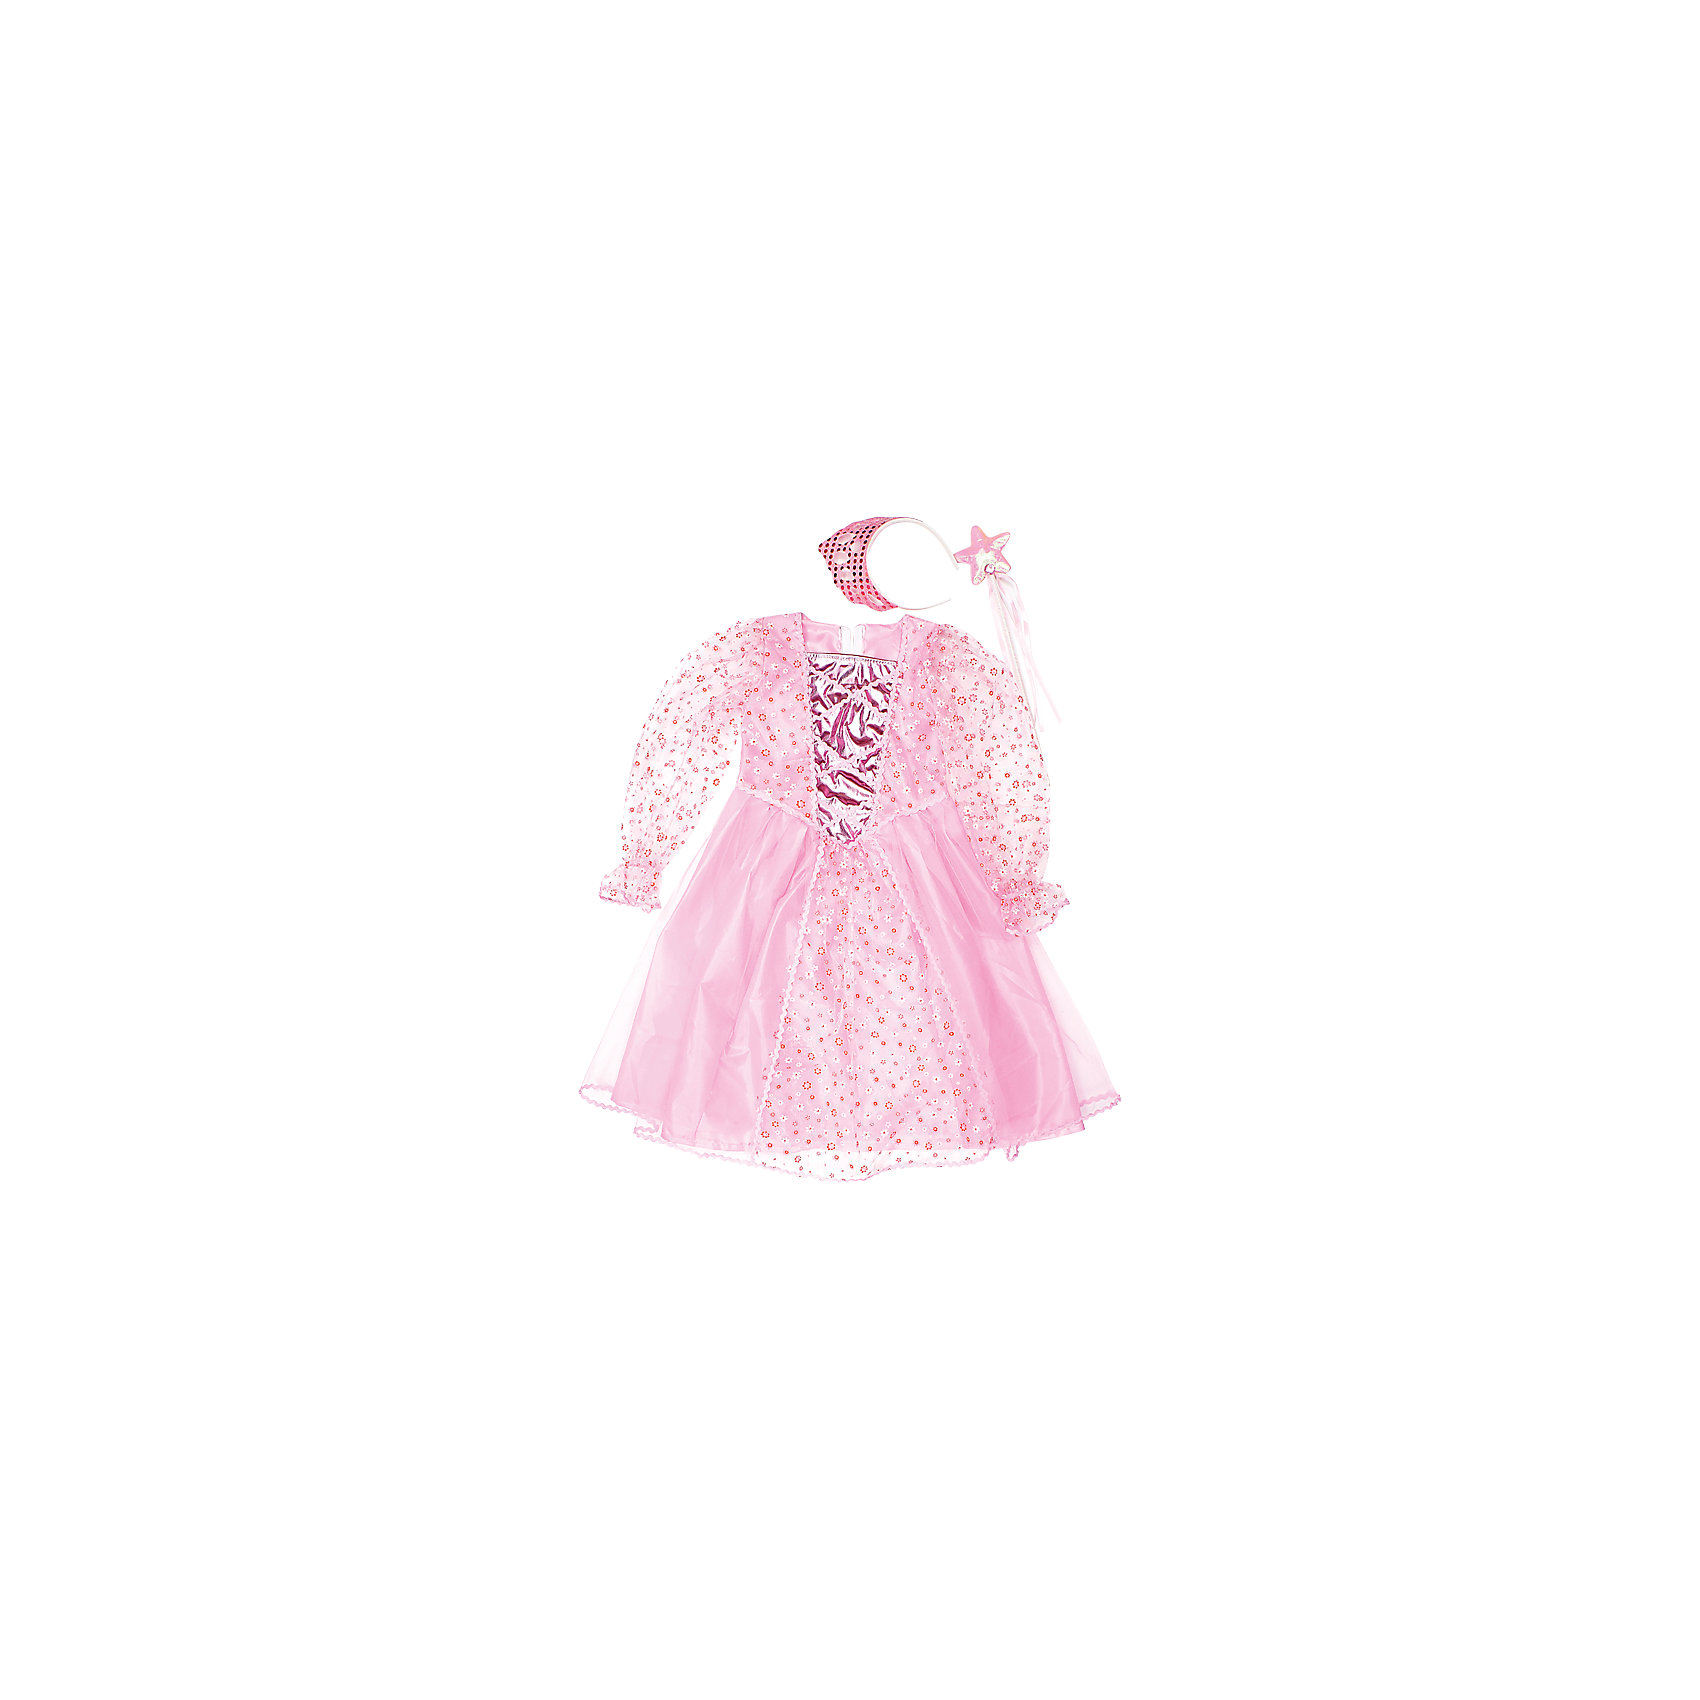 Костюм Принцесса, 75 см, Новогодняя сказкаКарнавальные костюмы и аксессуары<br>Характеристики товара:<br><br>• цвет: розовый<br>• комплектация: платье, ободок, палочка<br>• материал: текстиль, пластик<br>• для праздников и постановок<br>• упаковка: пакет<br>• длина платья: 75 см<br>• возраст: от 3 лет<br>• страна бренда: Российская Федерация<br>• страна изготовитель: Российская Федерация<br><br>Новогодние праздники - отличная возможность перевоплотиться в кого угодно, надев маскарадный костюм. Этот набор позволит ребенку мгновенно превратиться в принцессу!<br>Он состоит из нескольких предметов, которые подойдут дошкольникам. Изделия удобно сидят и позволяют ребенку наслаждаться праздником или принимать участие в постановке. Модель хорошо проработана, сшита из качественных и проверенных материалов, которые безопасны для детей.<br><br>Костюм Принцесса, 75 см, от бренда Новогодняя сказка можно купить в нашем интернет-магазине.<br><br>Ширина мм: 470<br>Глубина мм: 710<br>Высота мм: 30<br>Вес г: 175<br>Возраст от месяцев: 60<br>Возраст до месяцев: 120<br>Пол: Женский<br>Возраст: Детский<br>SKU: 5177228